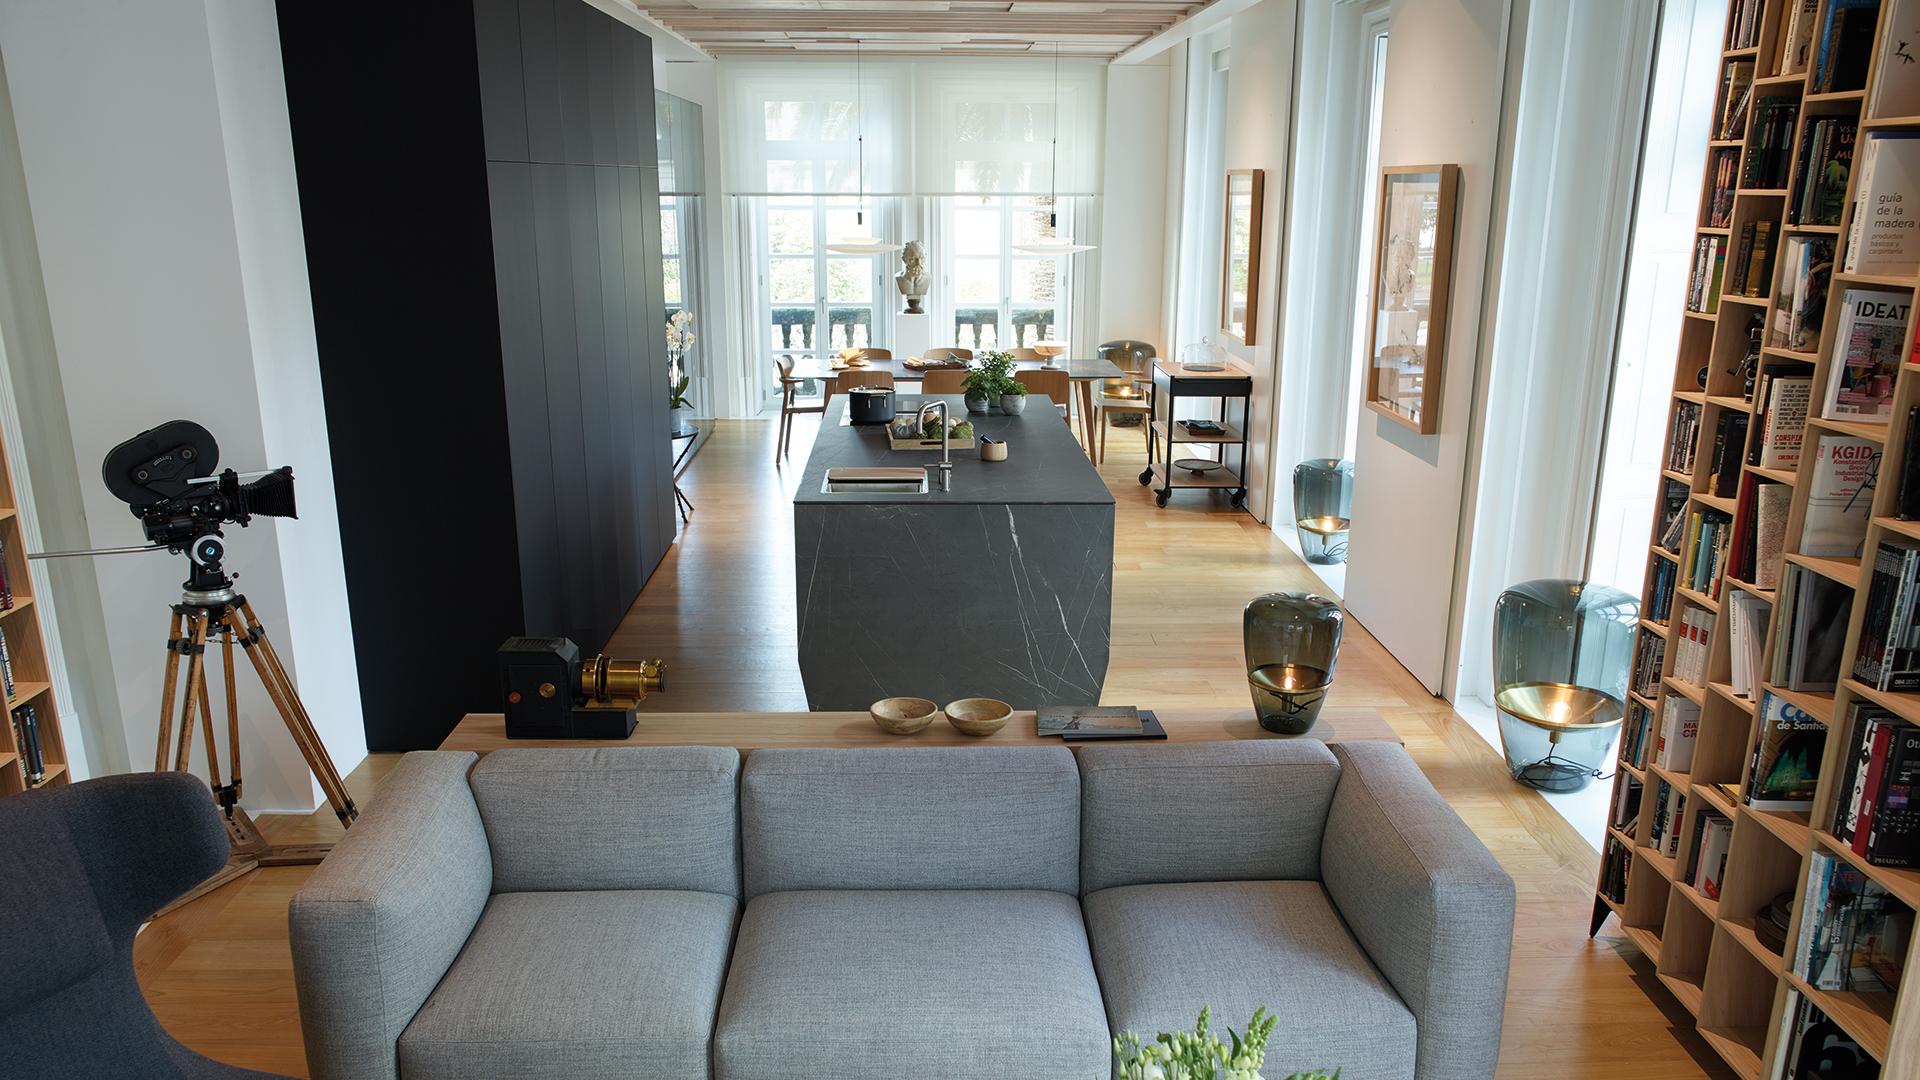 Cuisine noire avec îlot ouverte sur le salon et la salle à manger, équipée de nouveaux meubles conçus par Santos